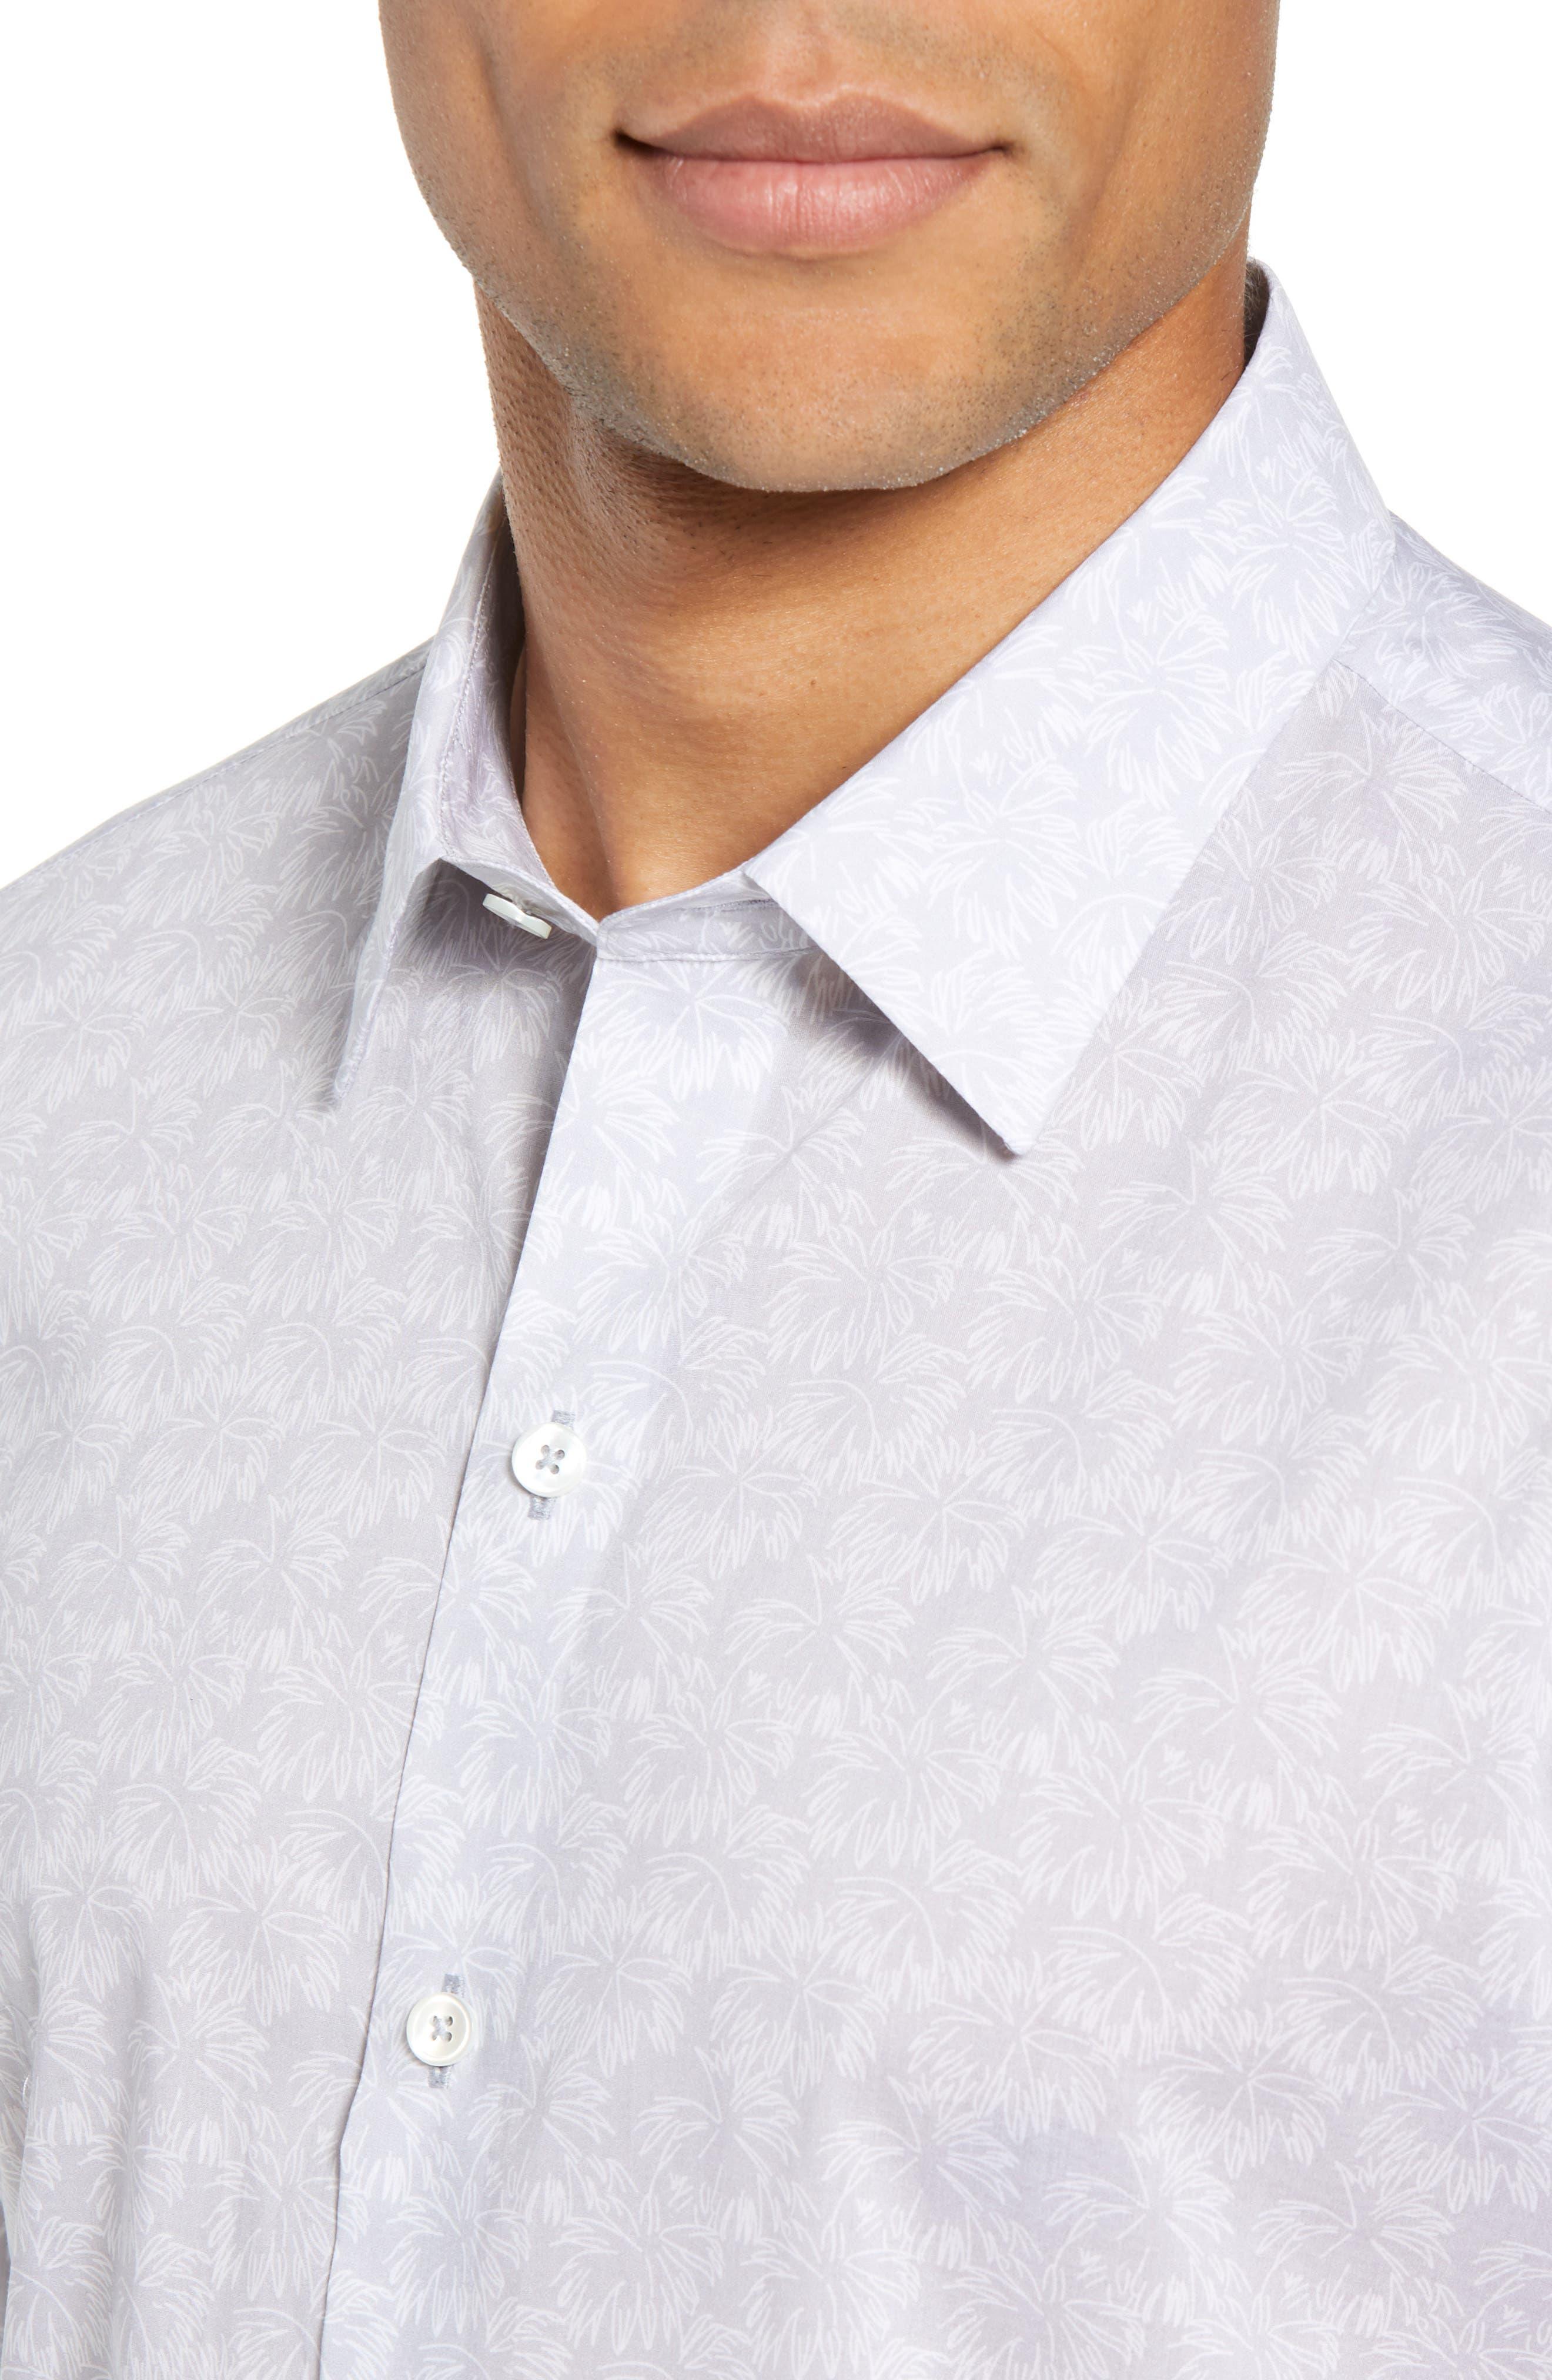 Slenske Trim Fit Sport Shirt,                             Alternate thumbnail 2, color,                             Light Grey